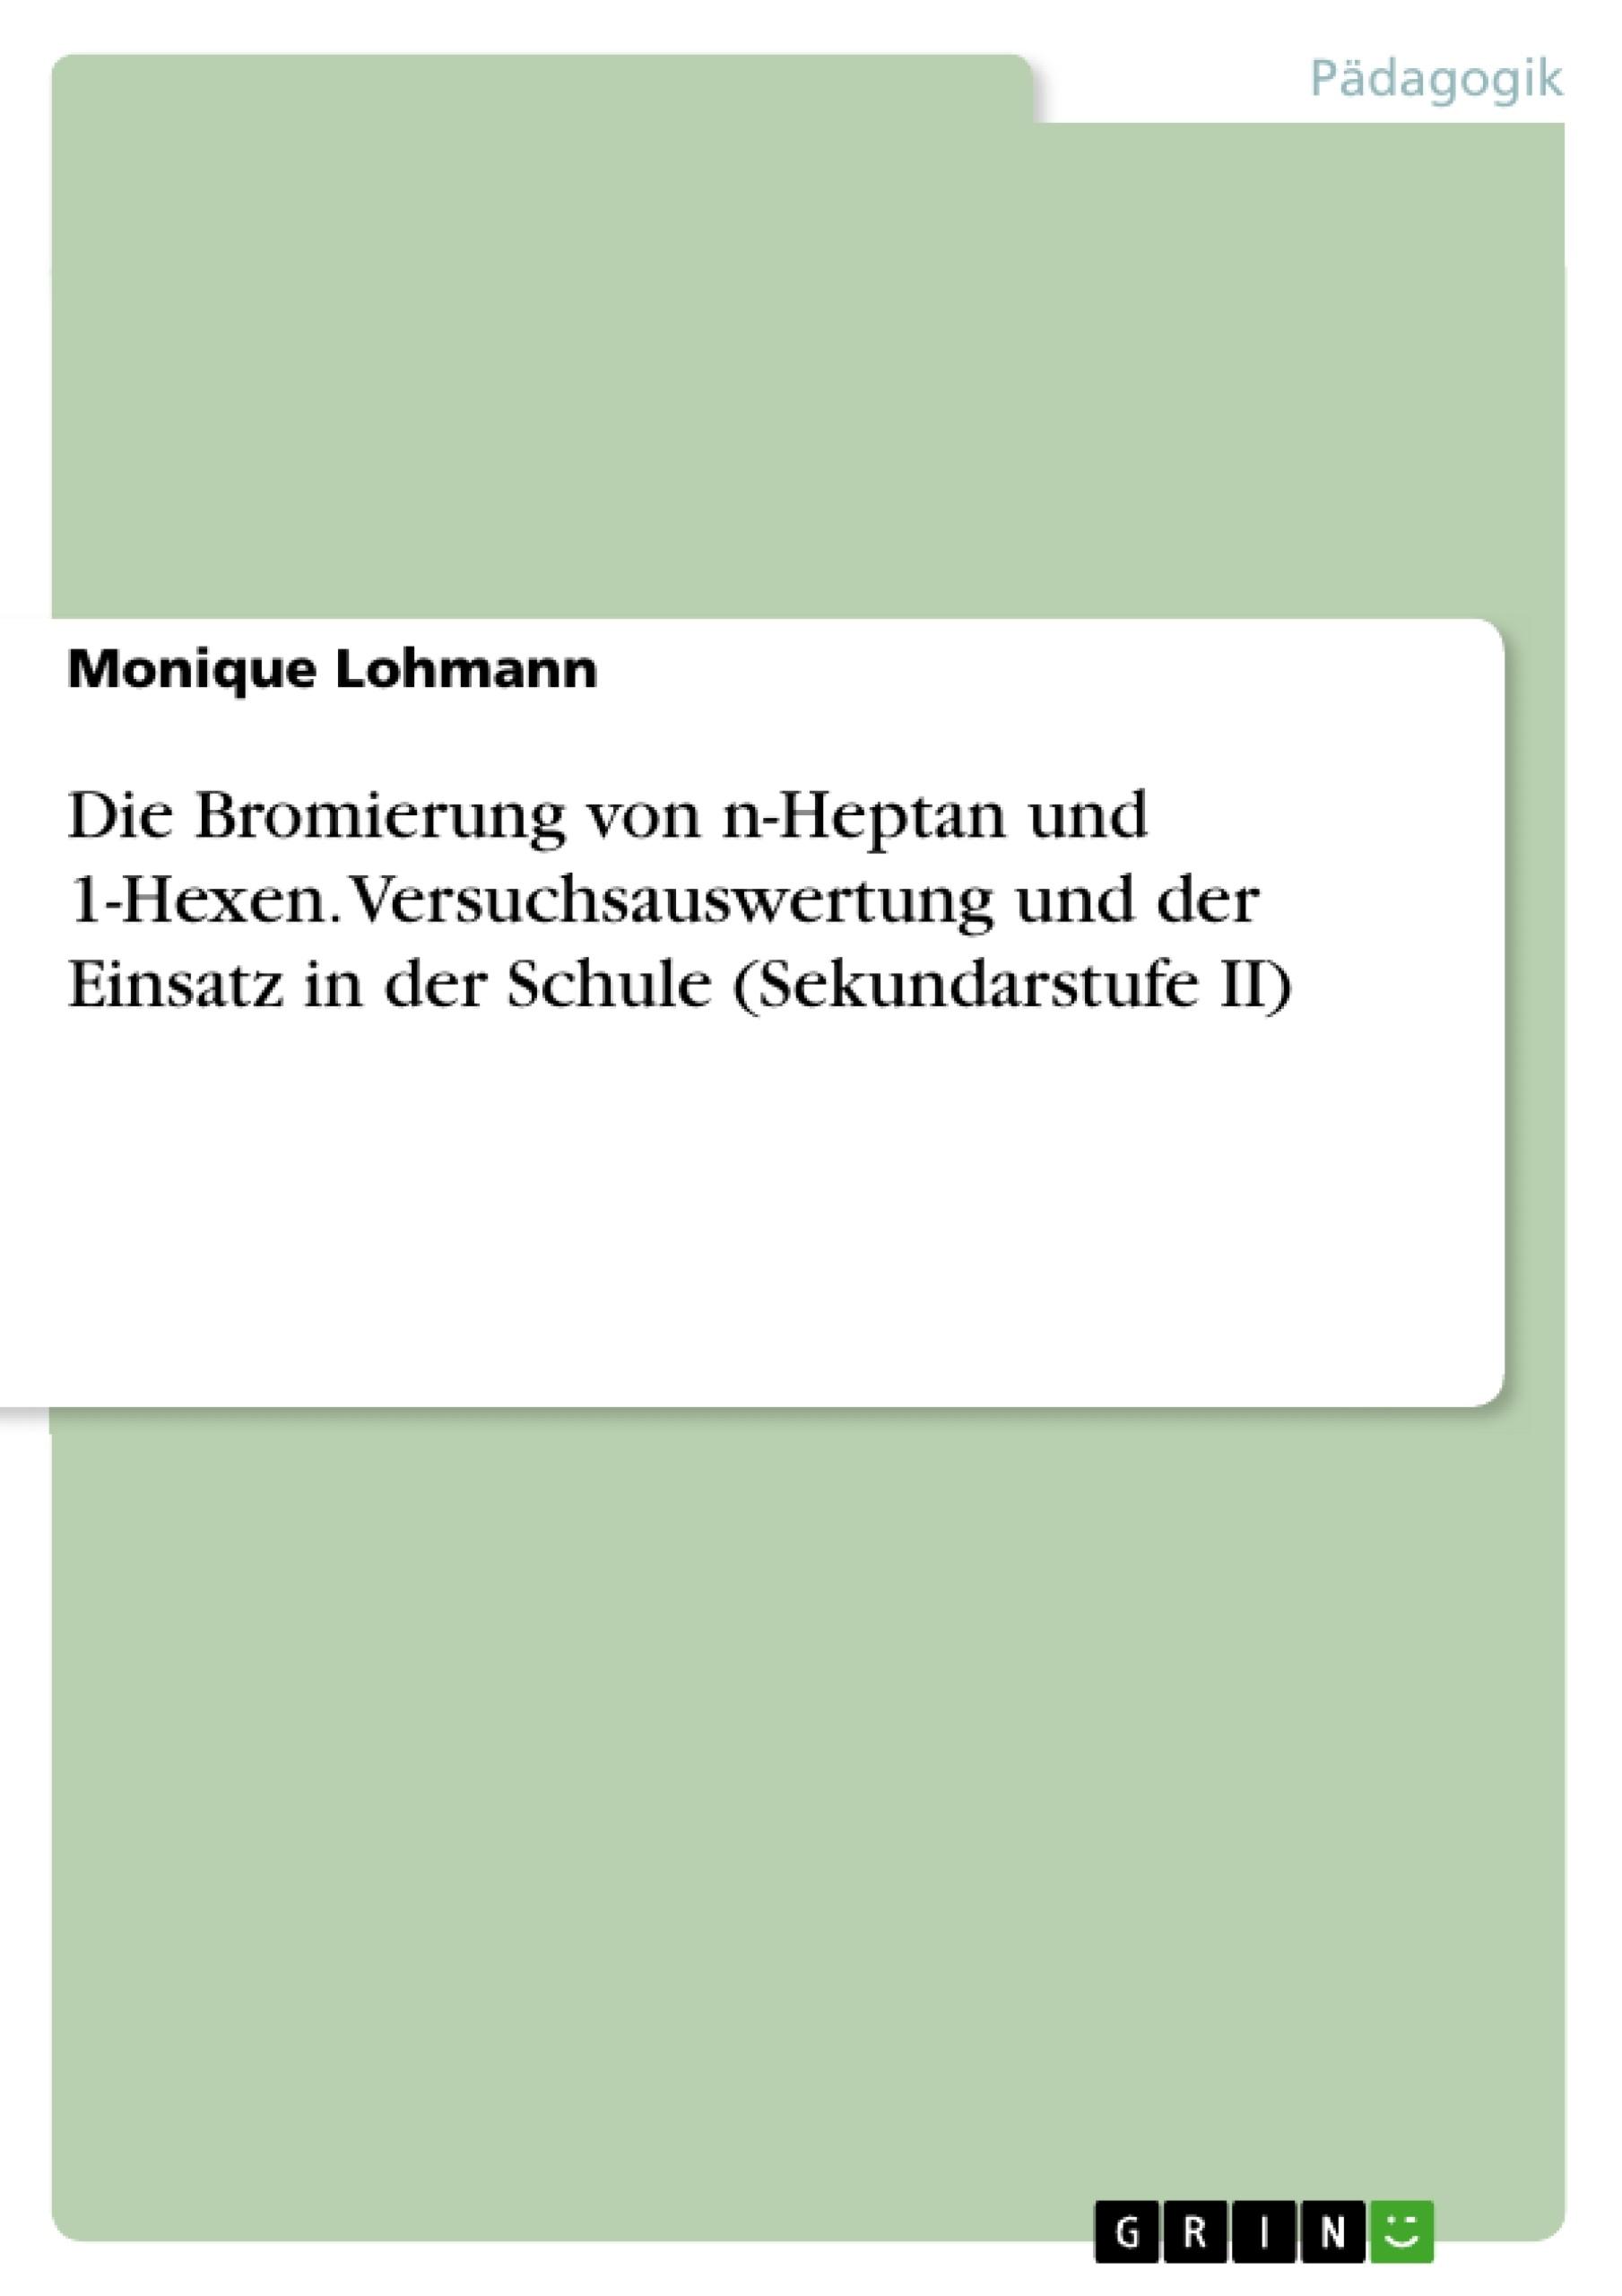 Titel: Die Bromierung von n-Heptan und 1-Hexen. Versuchsauswertung und der Einsatz in der Schule (Sekundarstufe II)